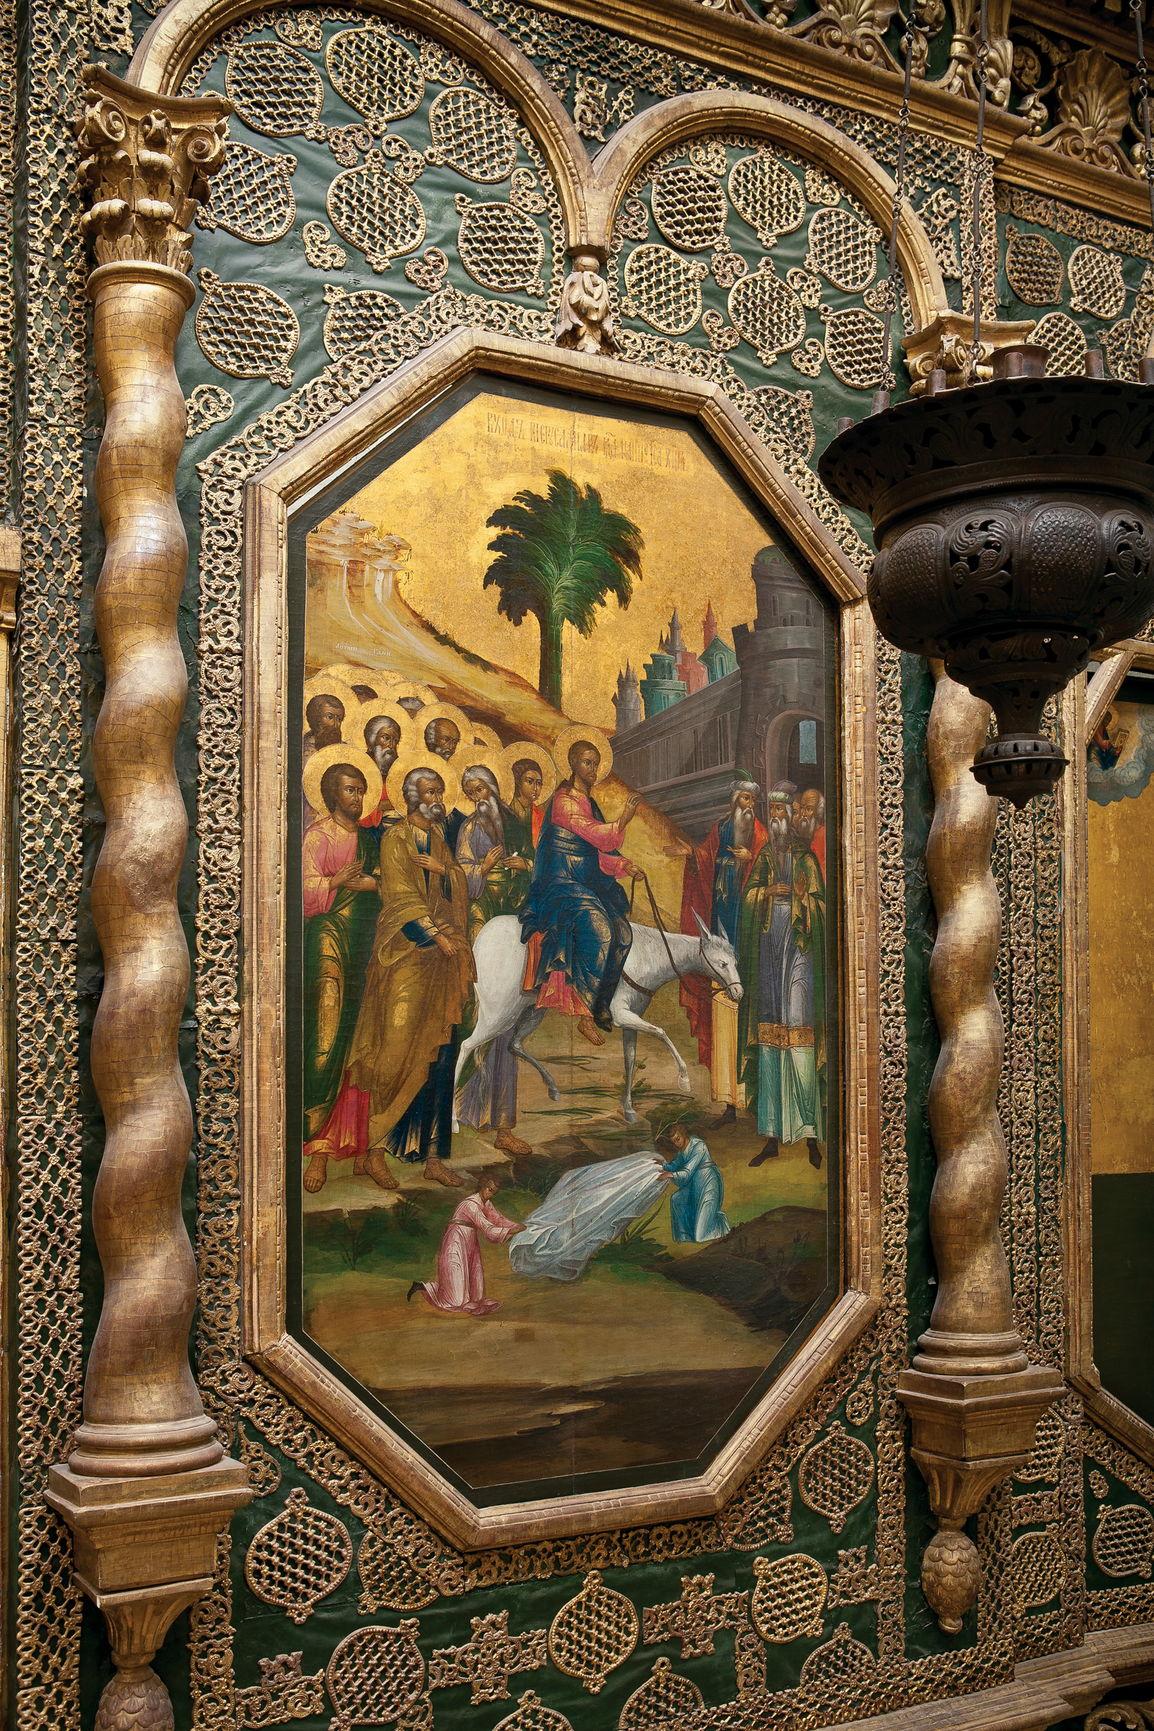 Икона «Вход Господень в Иерусалим». XVIII в. Местный ряд иконостаса церкви Входа Господня в Иерусалим Покровского собора